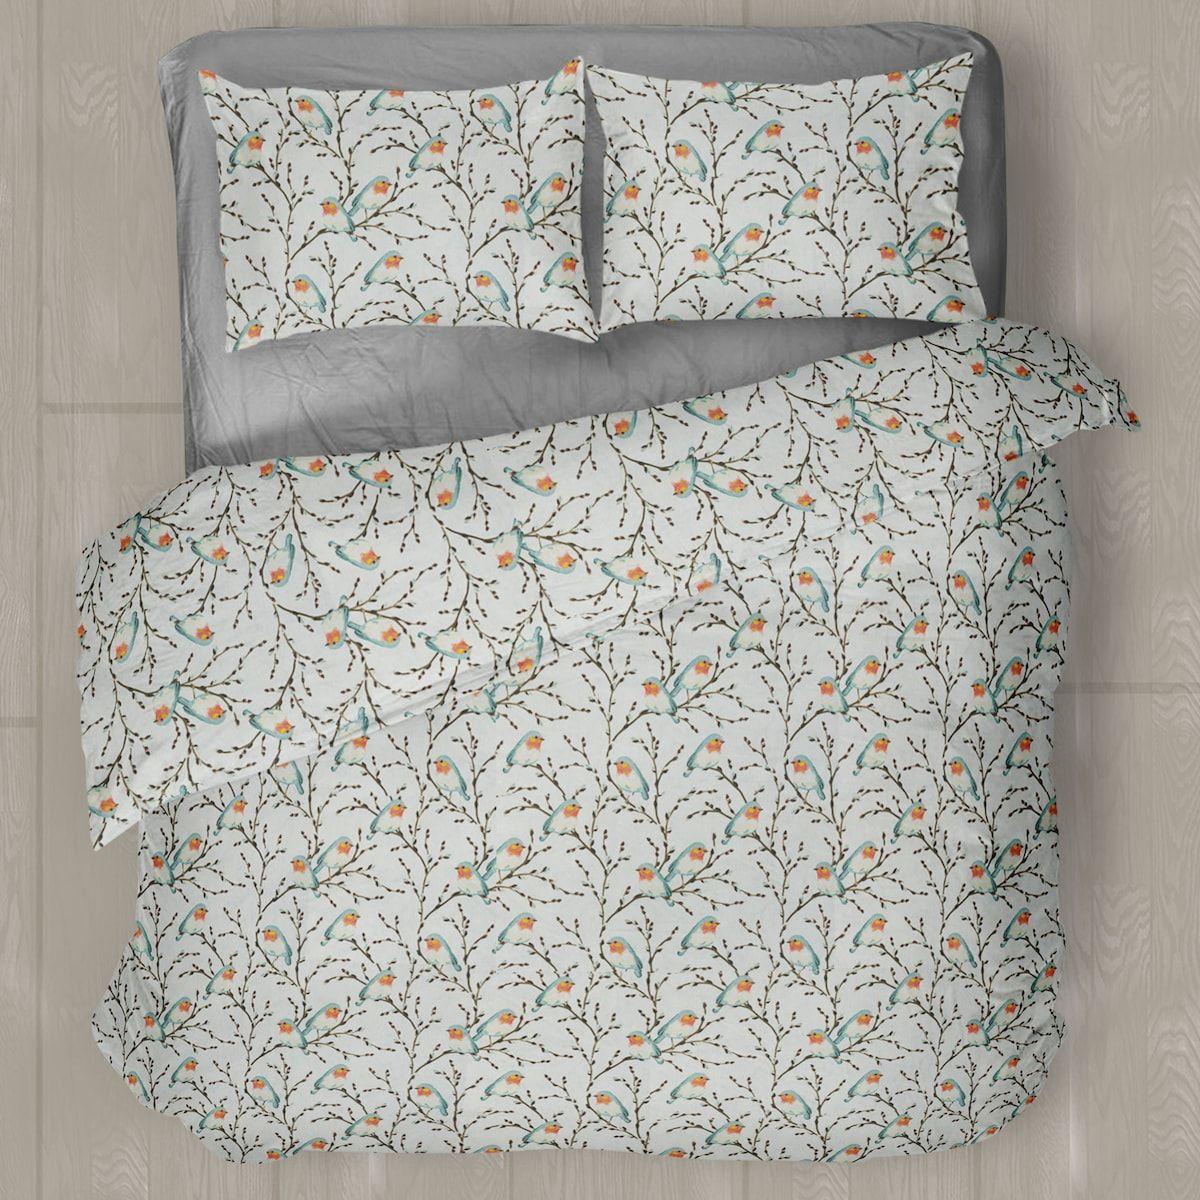 Linen Chest Chickadees Flannel Sheet Set Sheet Set Duvet Cover